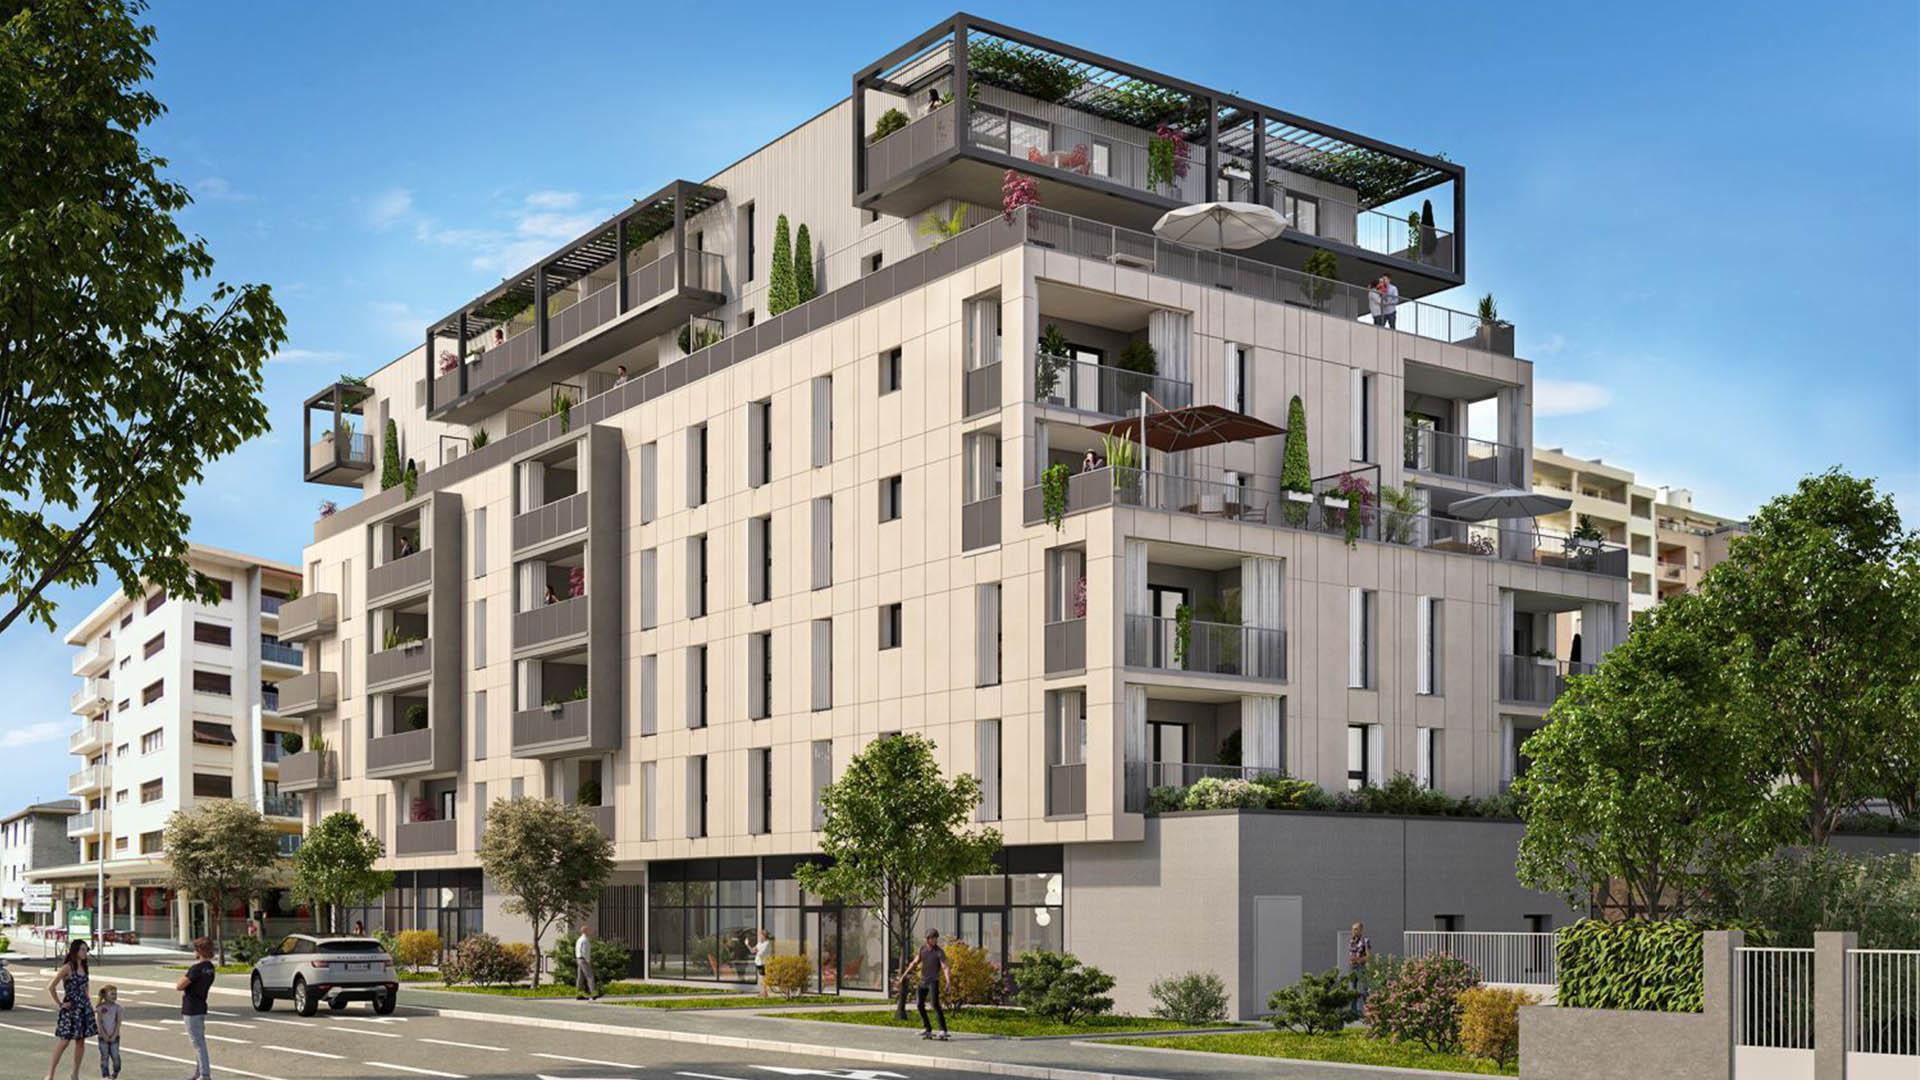 Programme immobilier ALT96 appartement à Annemasse (74100) À deux pas du tramway et du Léman Express